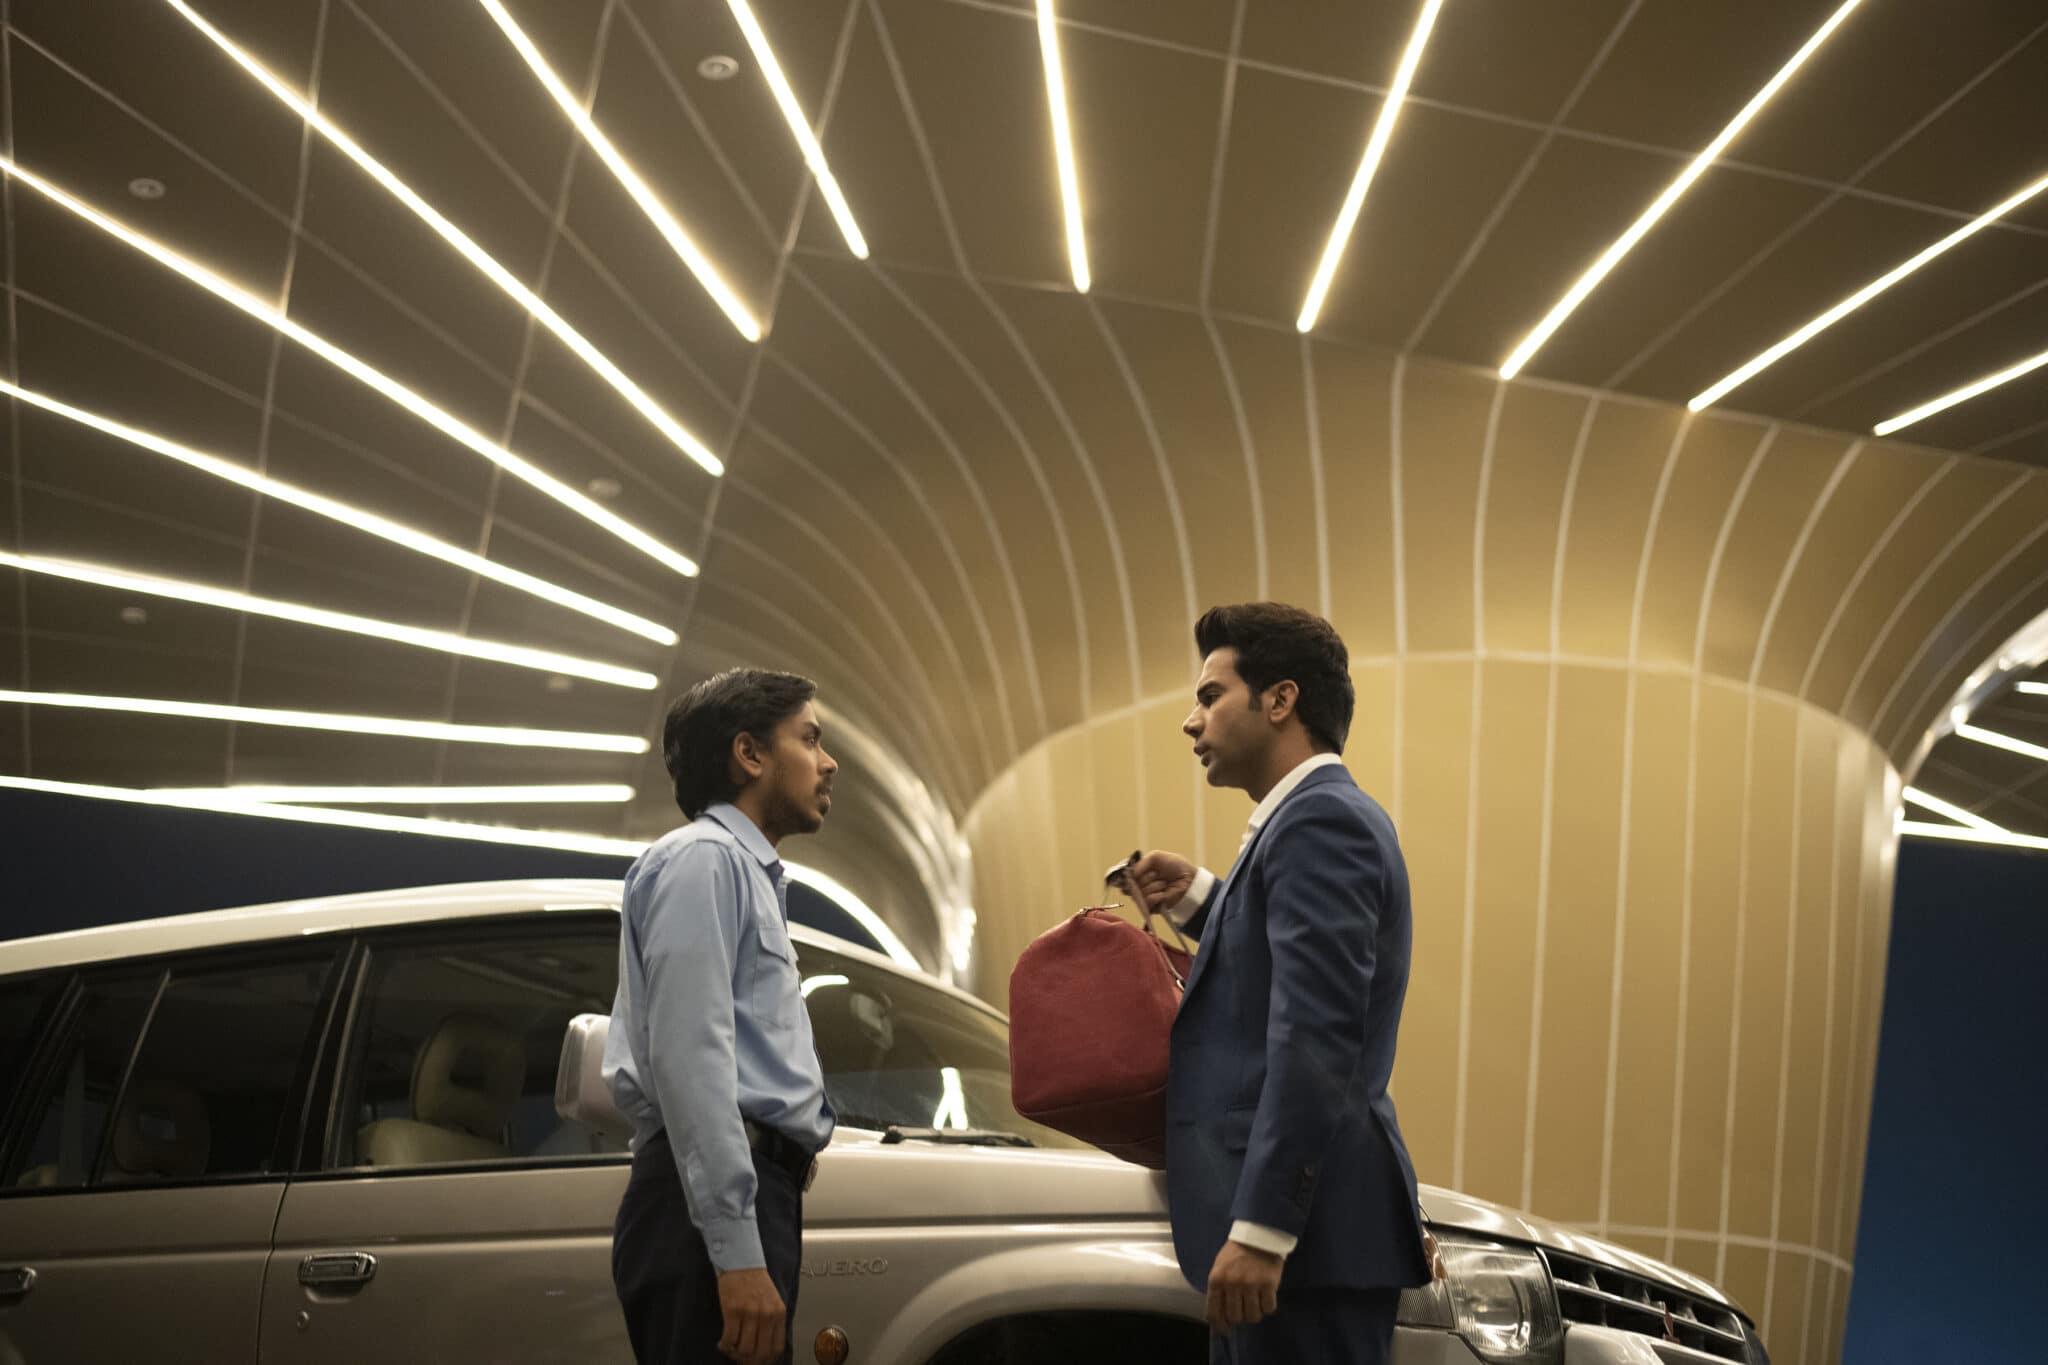 Balram steht vor dem Auto seines Herren zusammen mit diesem. Ashok hält eine rote Tasche in der rechten Hand. Über den beiden leuchten einige Neonröhren.